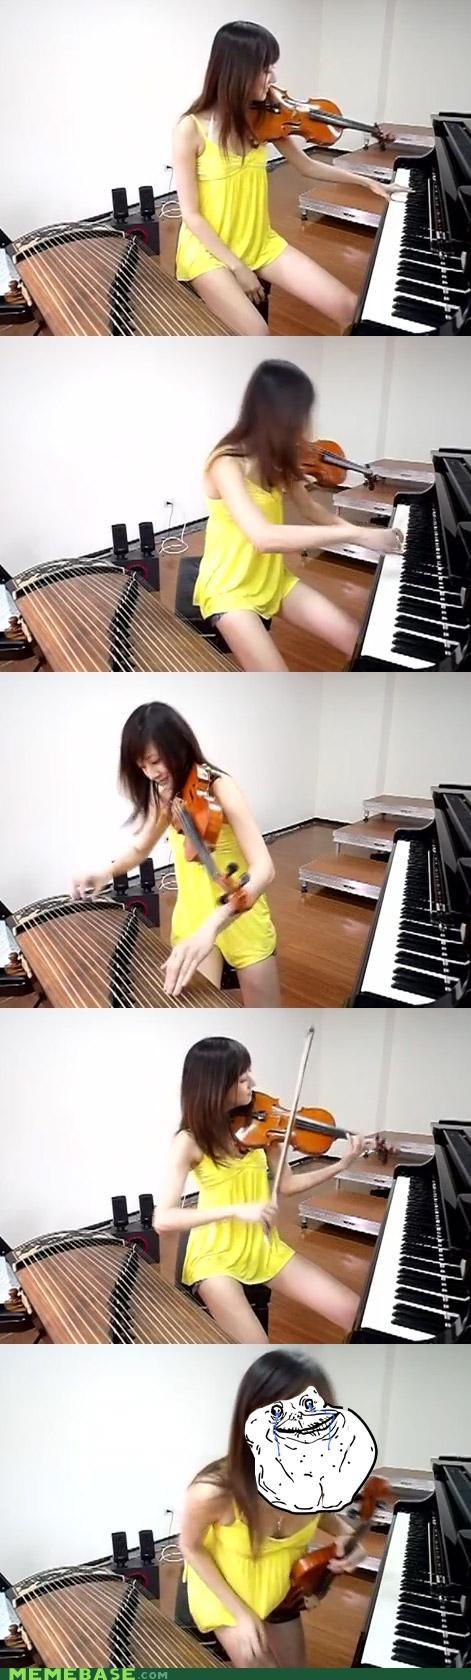 forever alone Music piano Sad violin - 4731785472